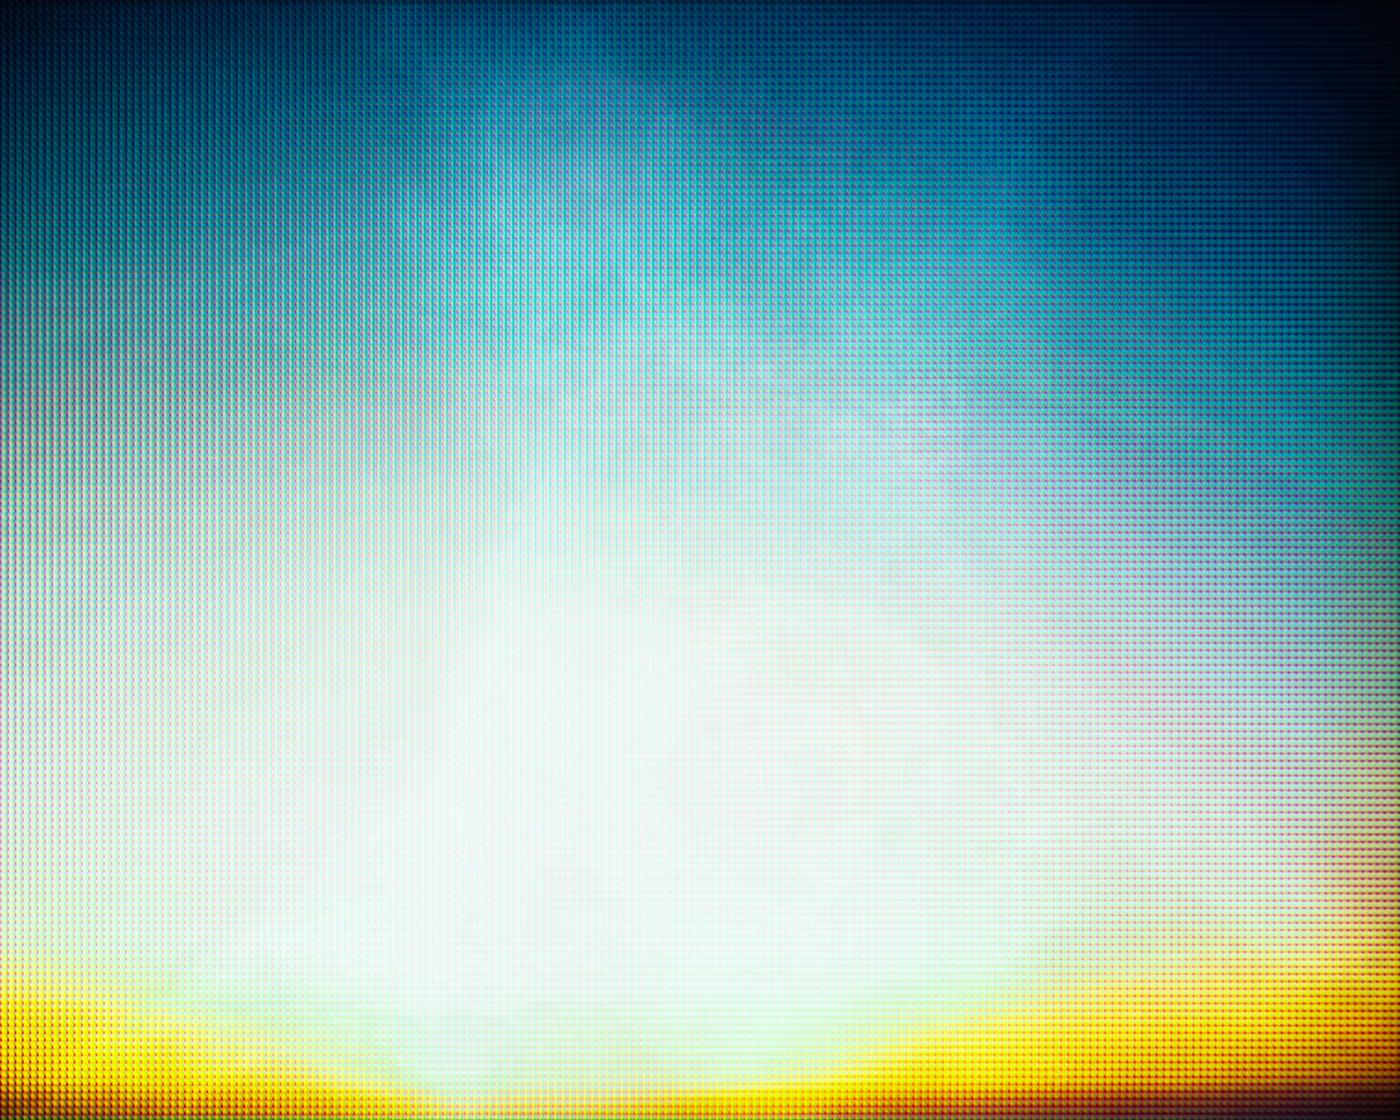 sg_sunrise_02.jpg